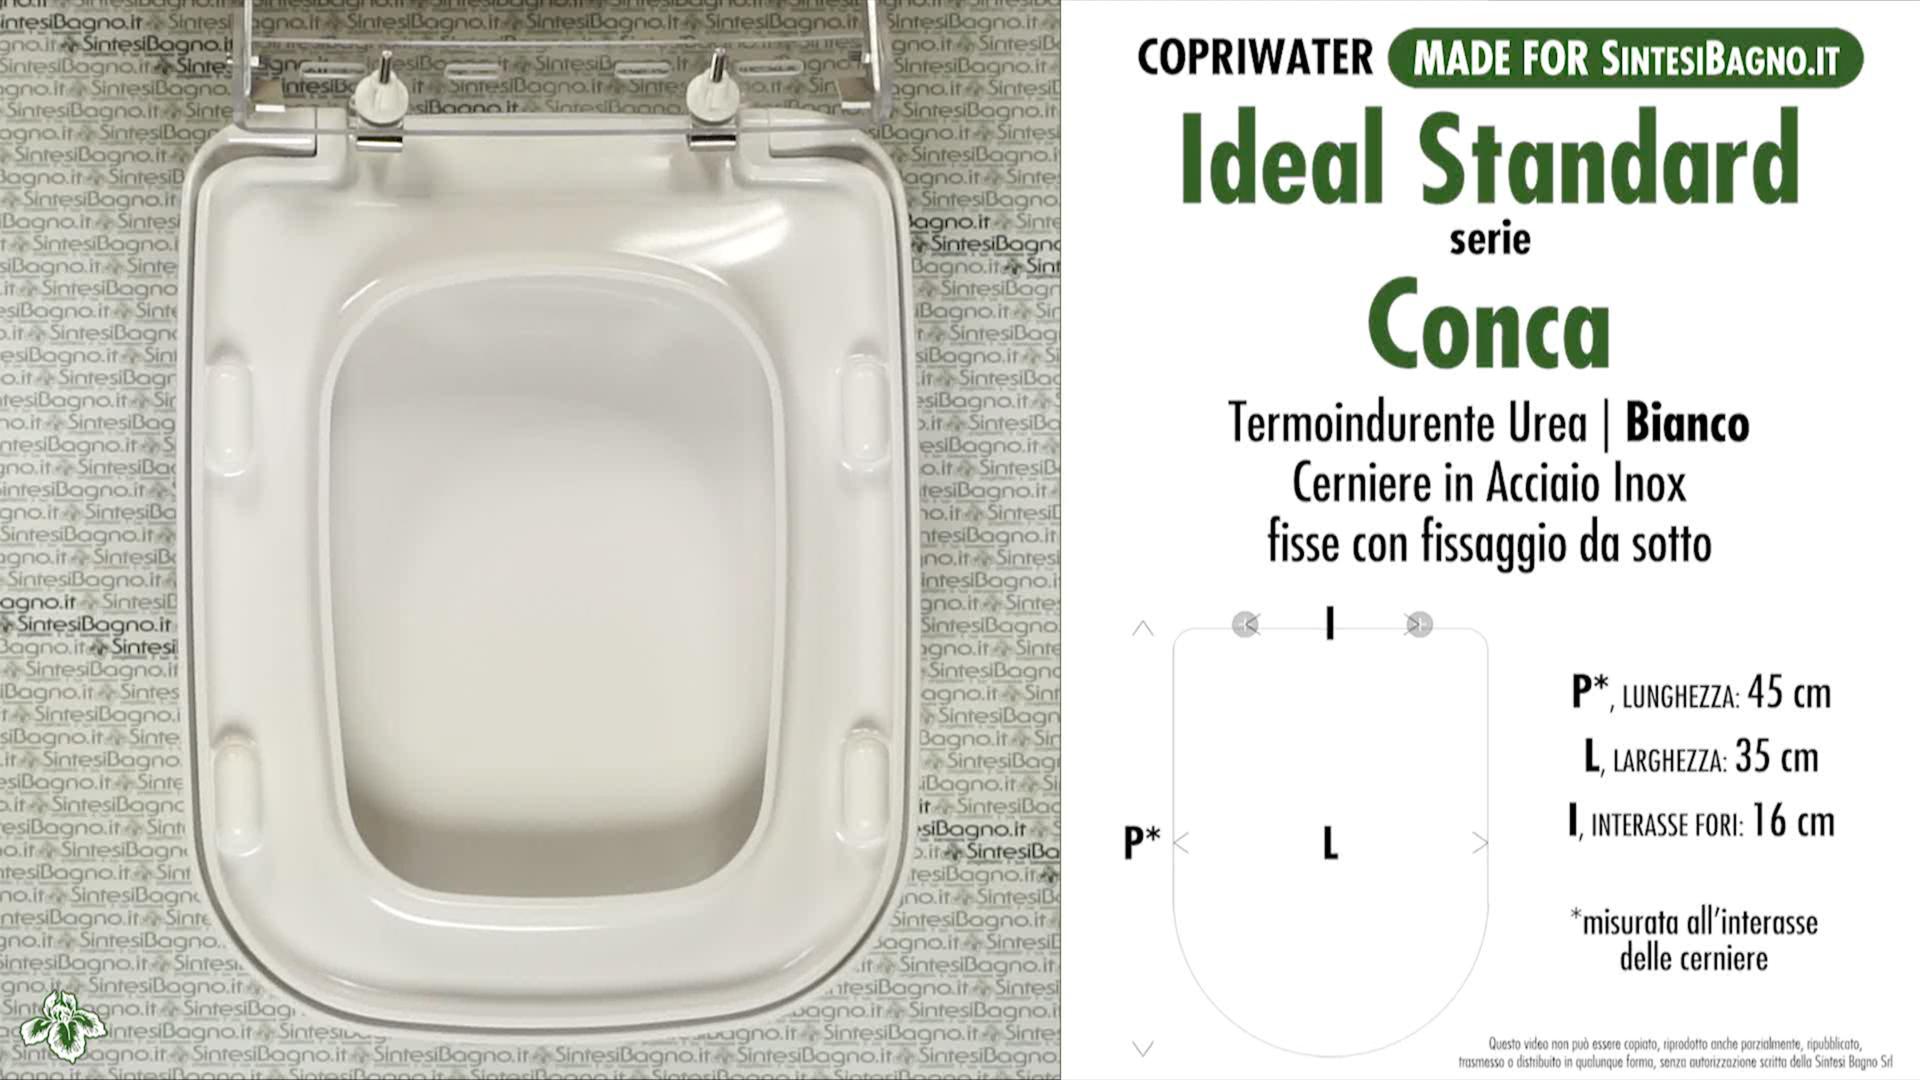 Copriwater conca ideal standard come l originale for Ideal standard conca prezzo